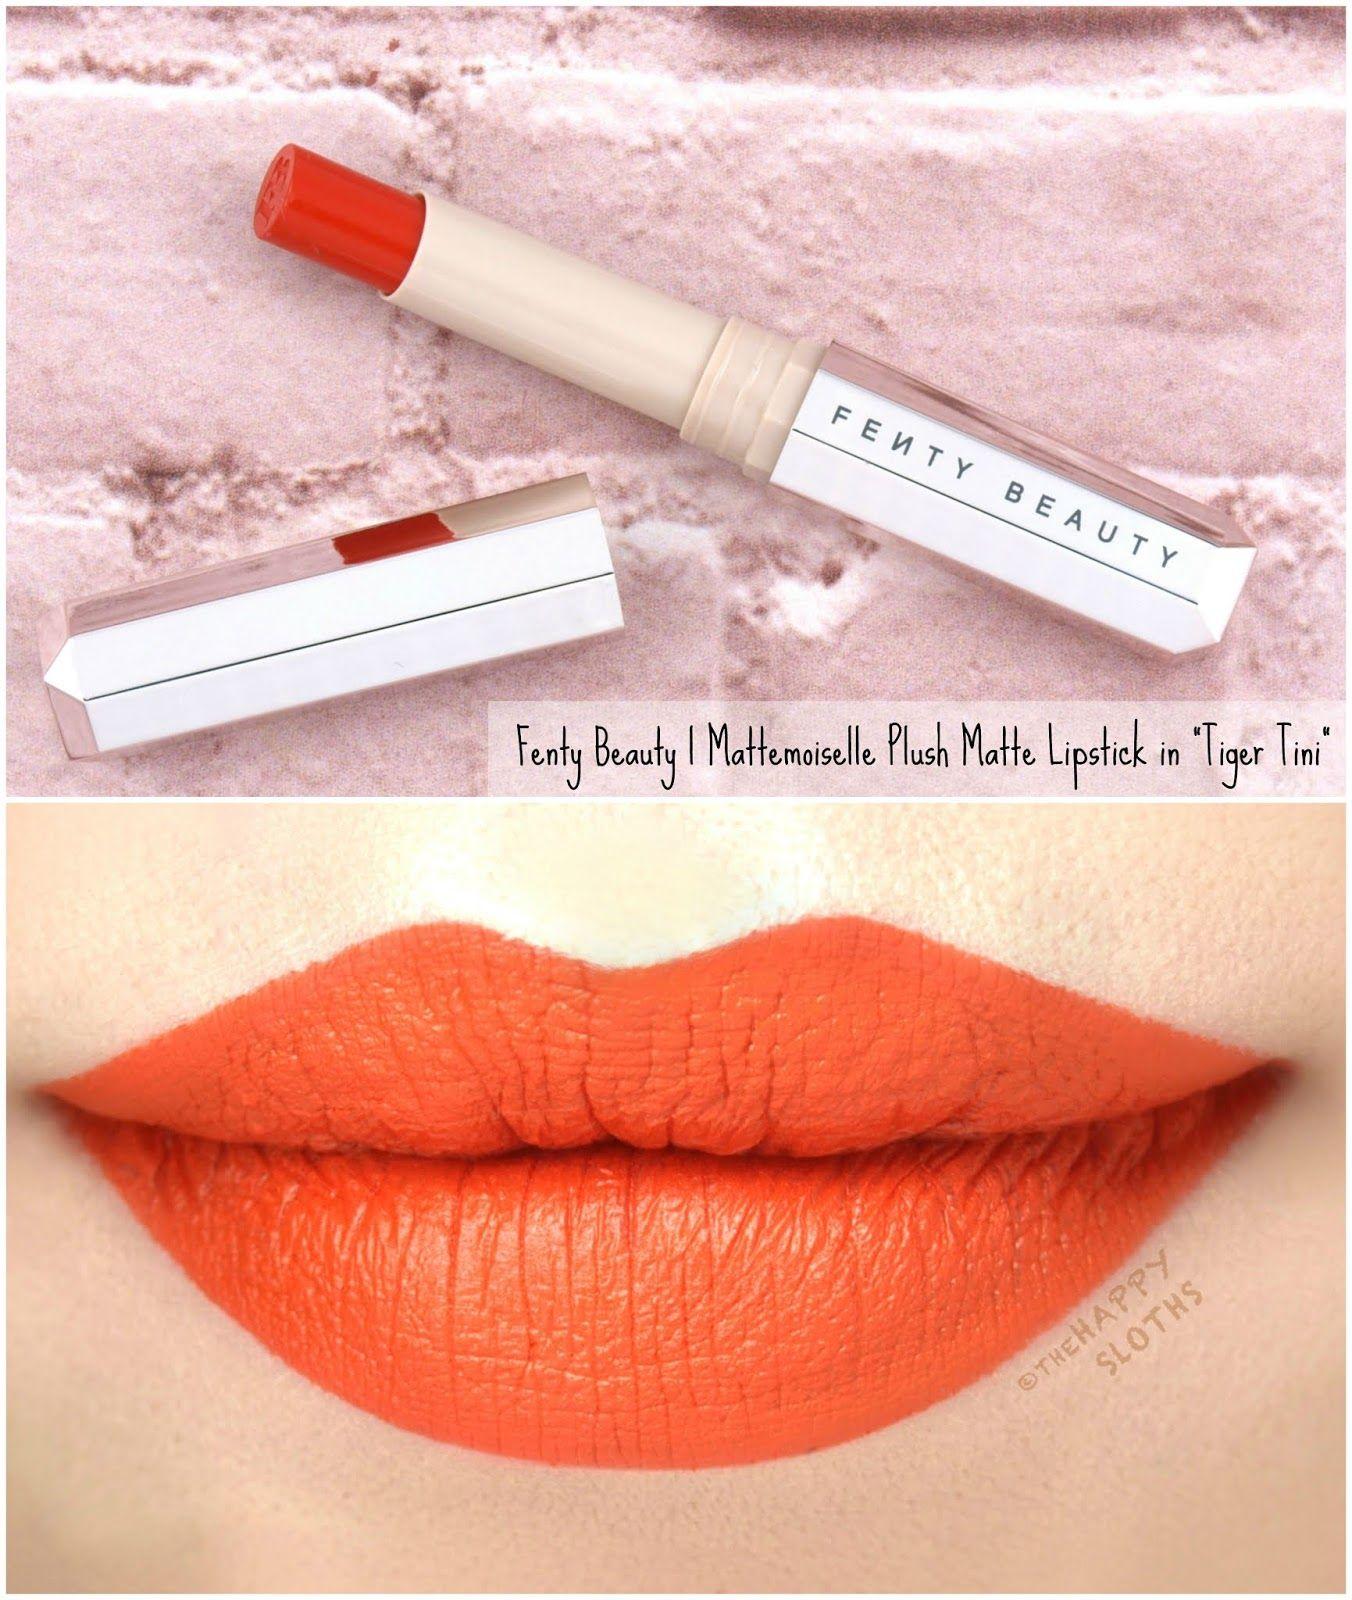 cd20f4b86fd Fenty Beauty by Rihanna | Mattemoiselle Plush Matte Lipstick in